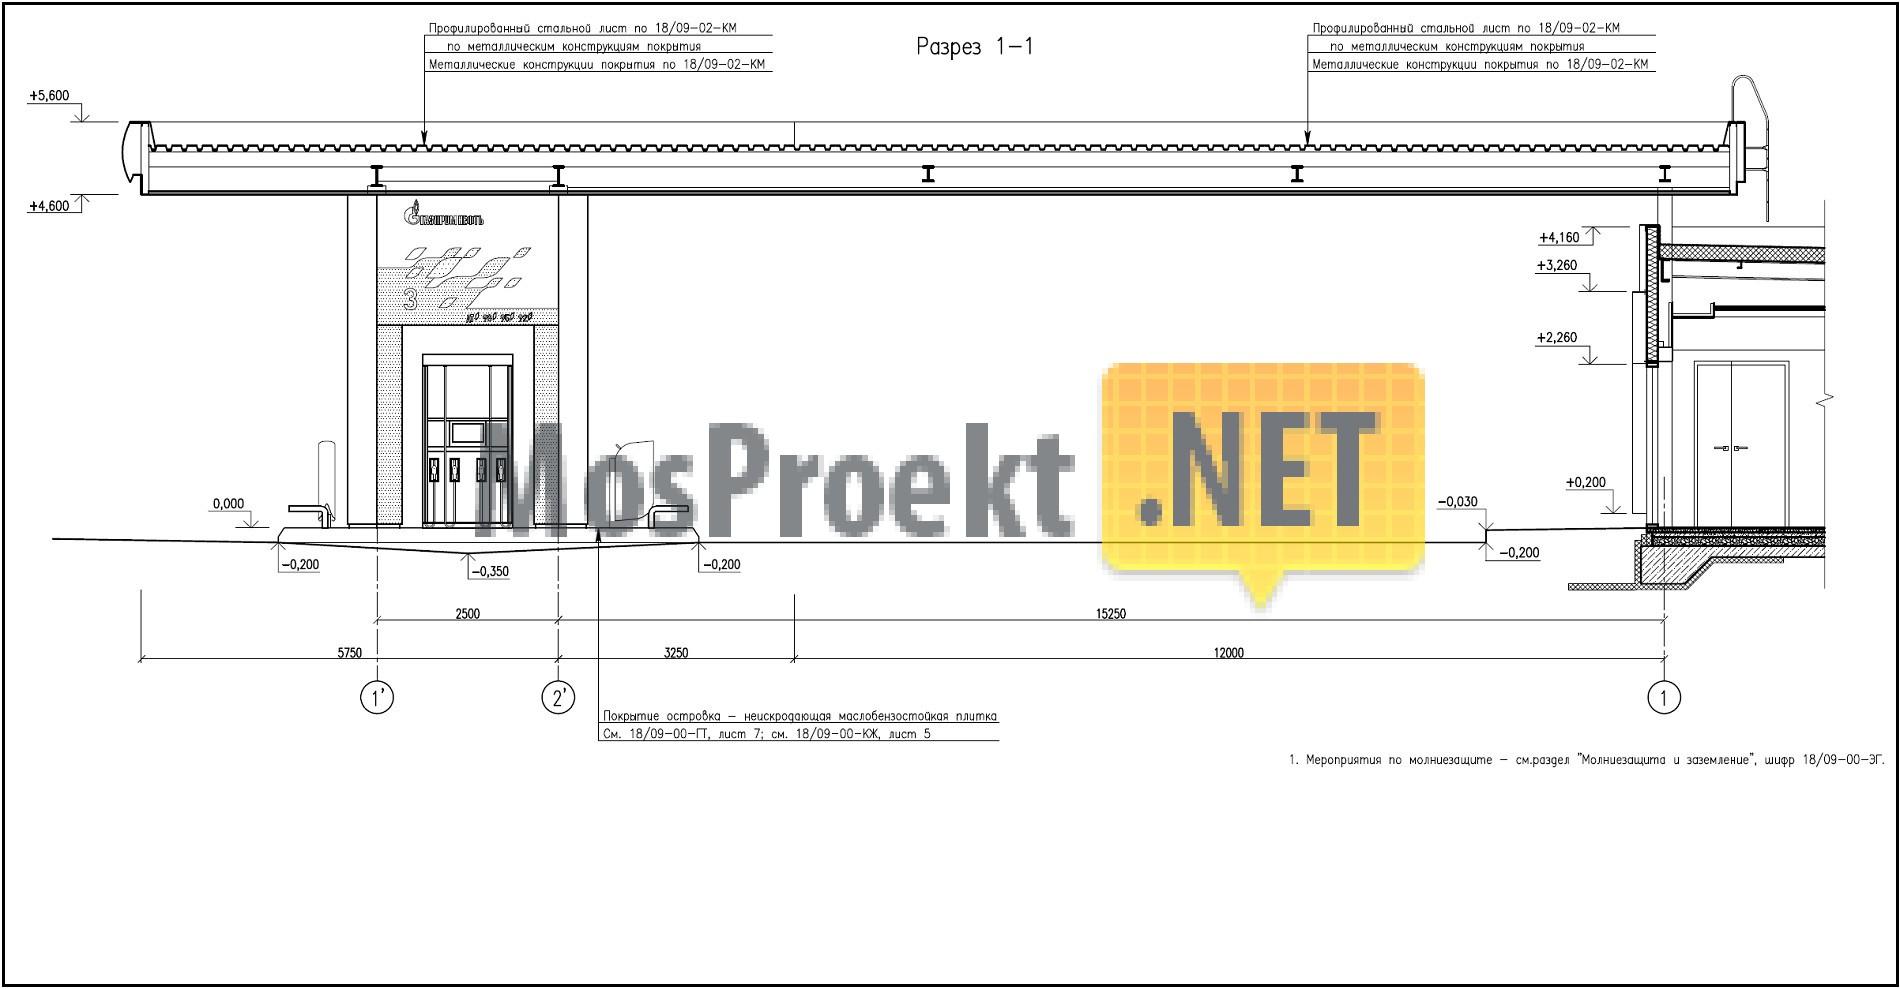 проектирование электрических станций pdf